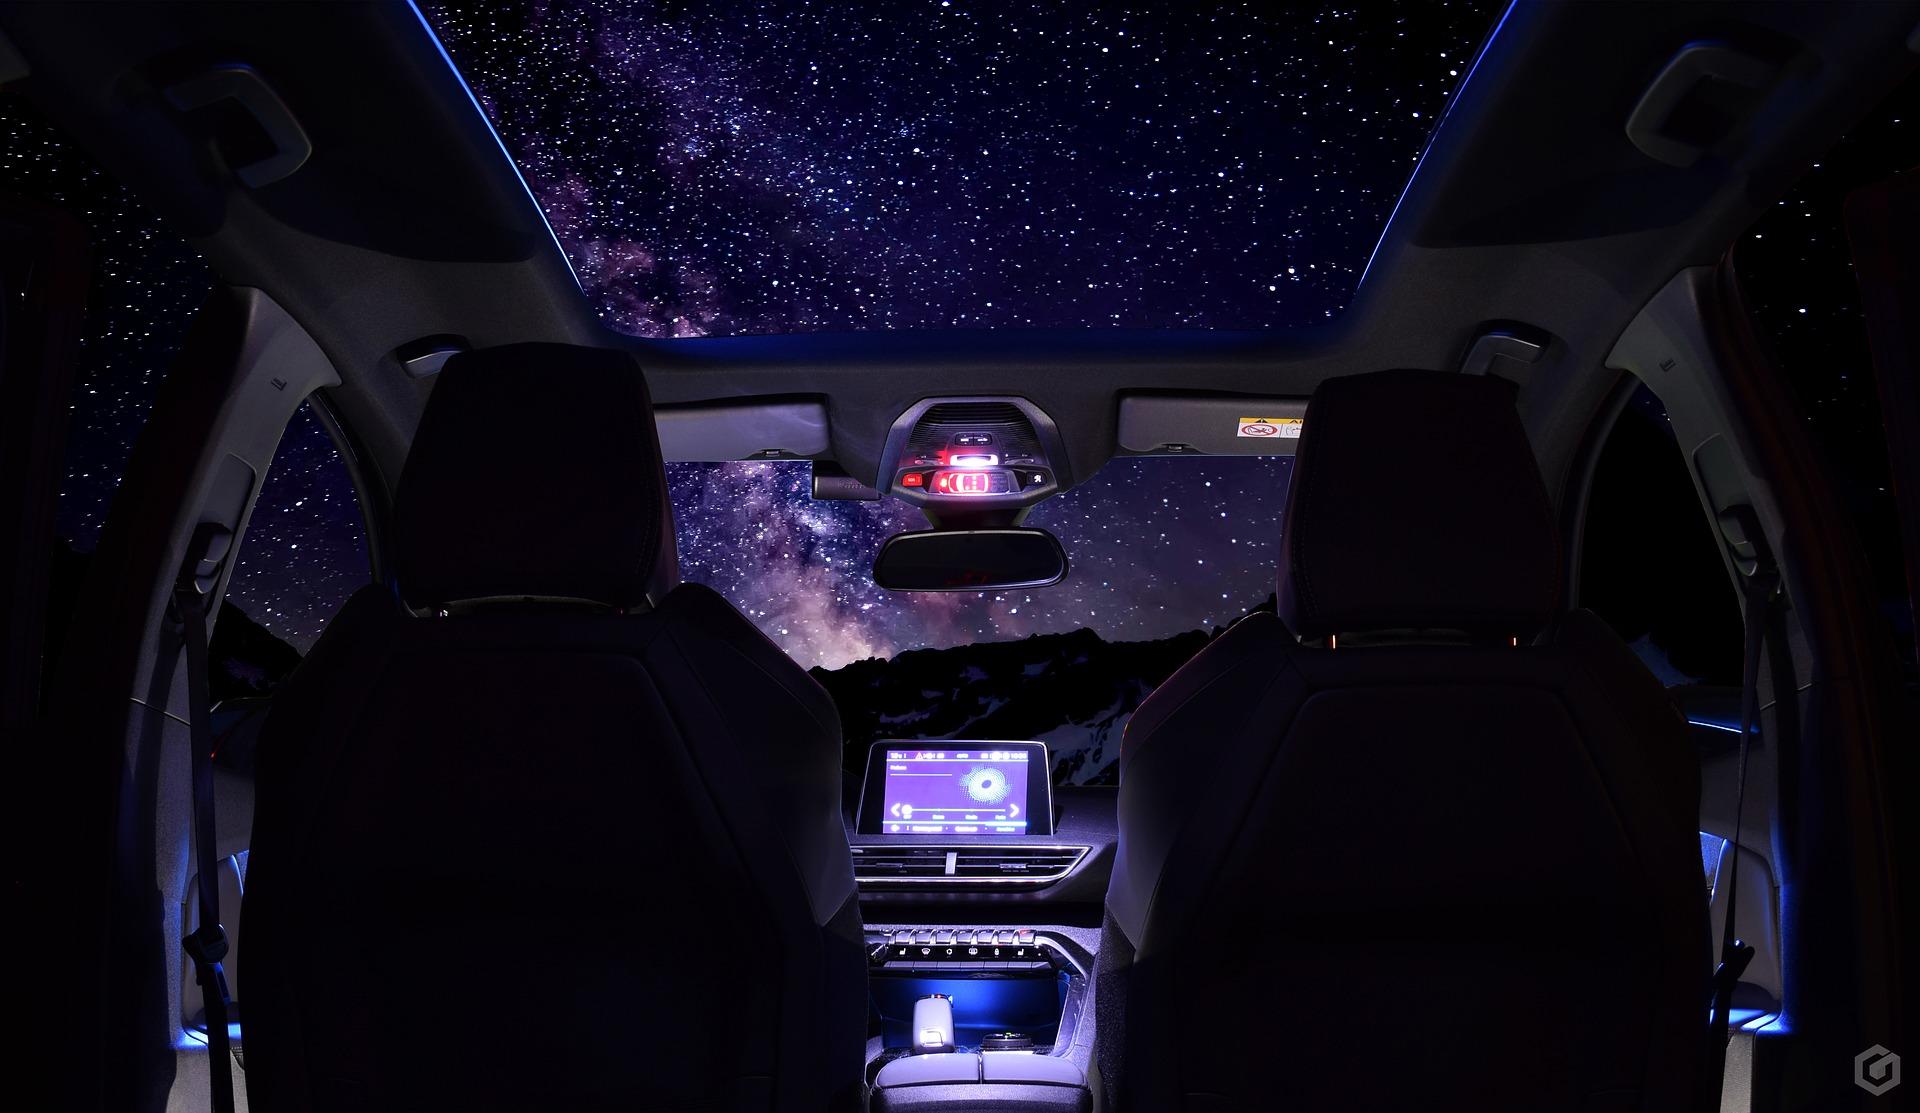 автомобиль звездное небо картинки шторы можно